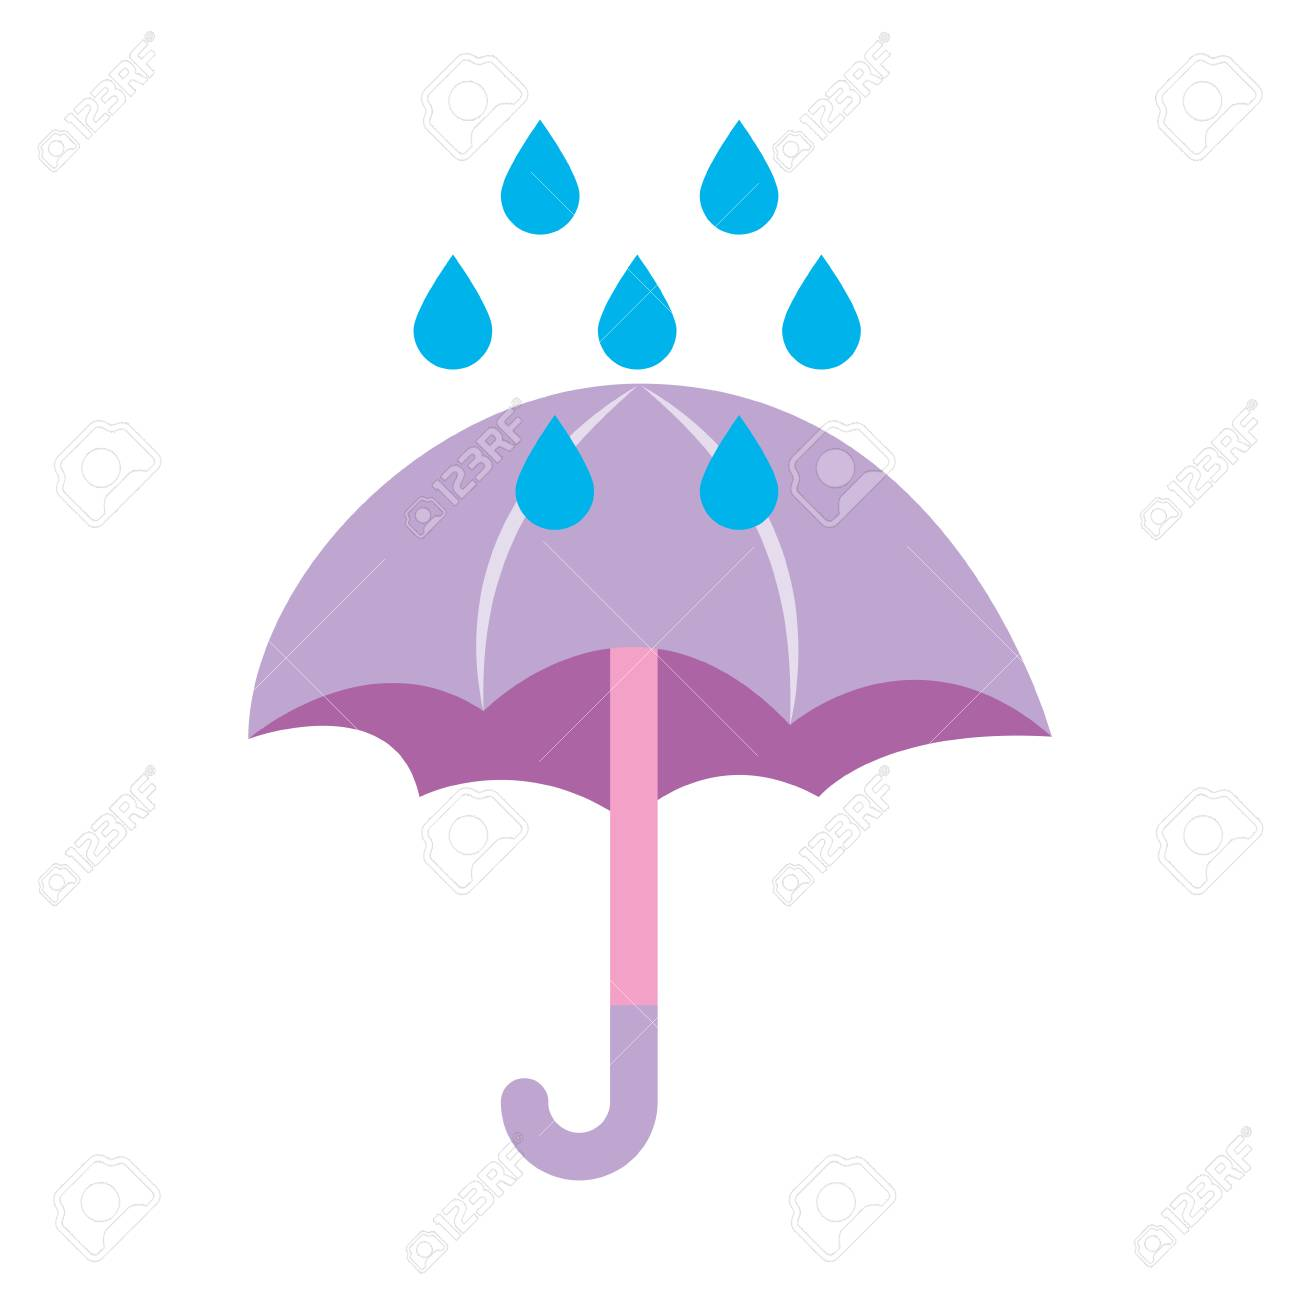 Paraguas Lindo Con Gotas De Lluvia Ilustración Vectorial De Diseño Ilustraciones Vectoriales Clip Art Vectorizado Libre De Derechos Image 83629832